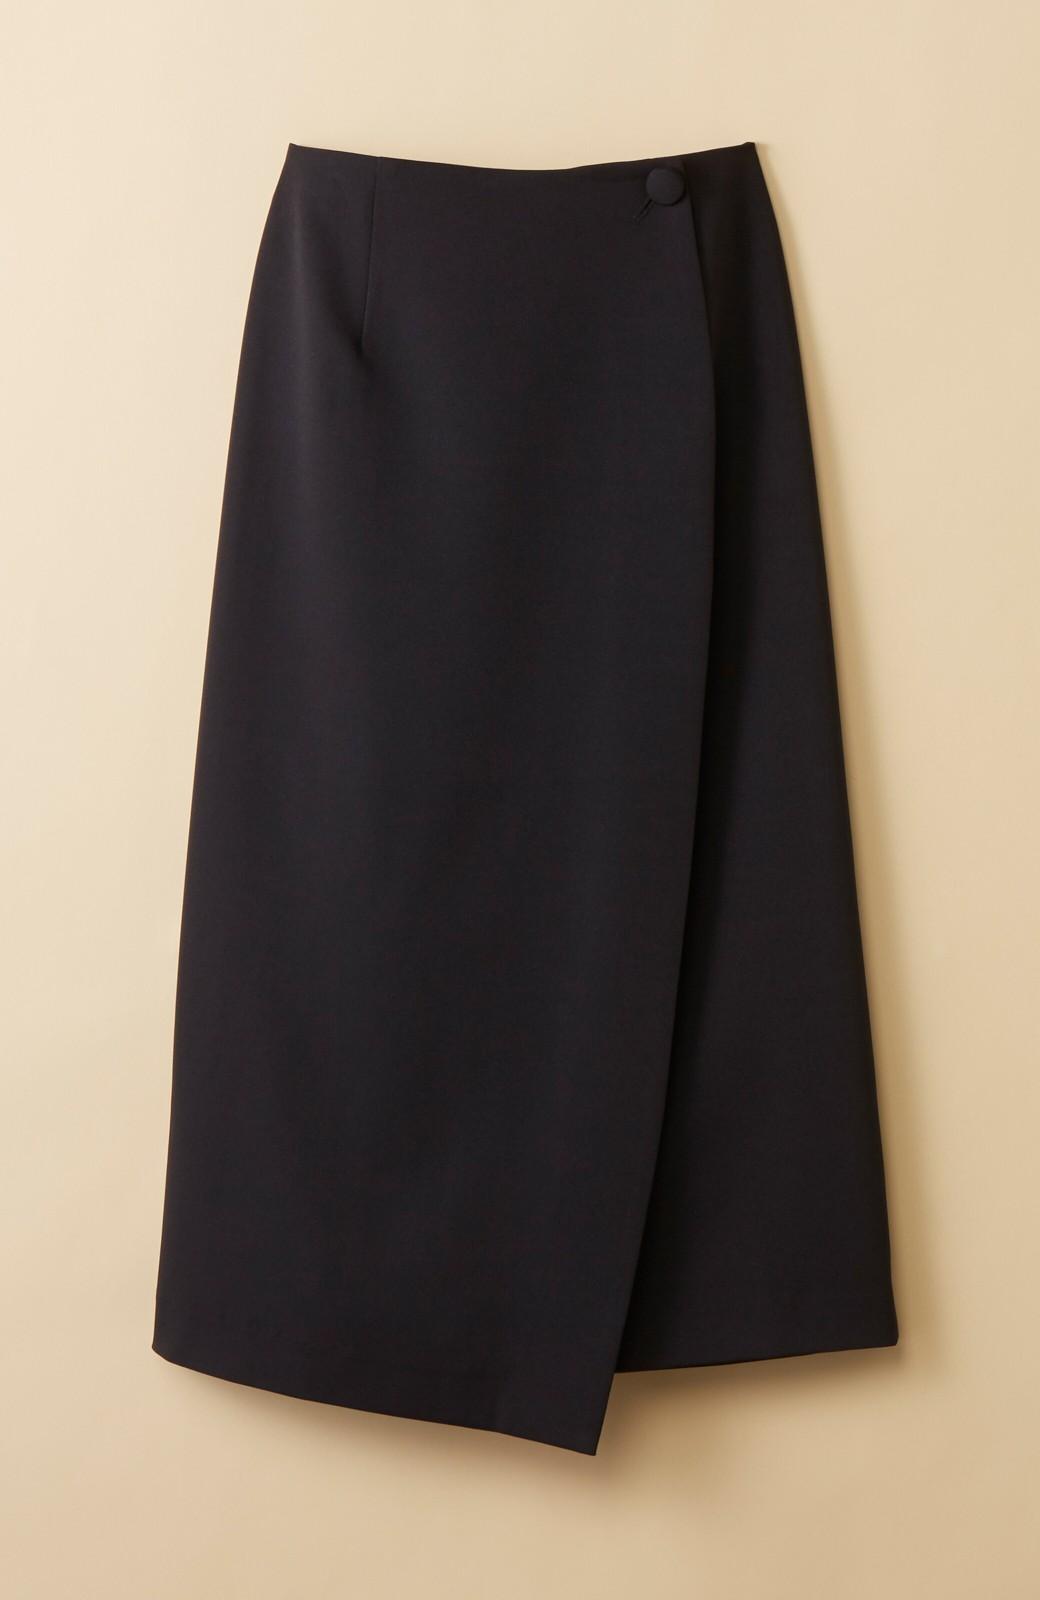 haco! いざというとき困らないための 大人のフォーマルジャケット・スカート2点セット by que made me <ブラック>の商品写真4